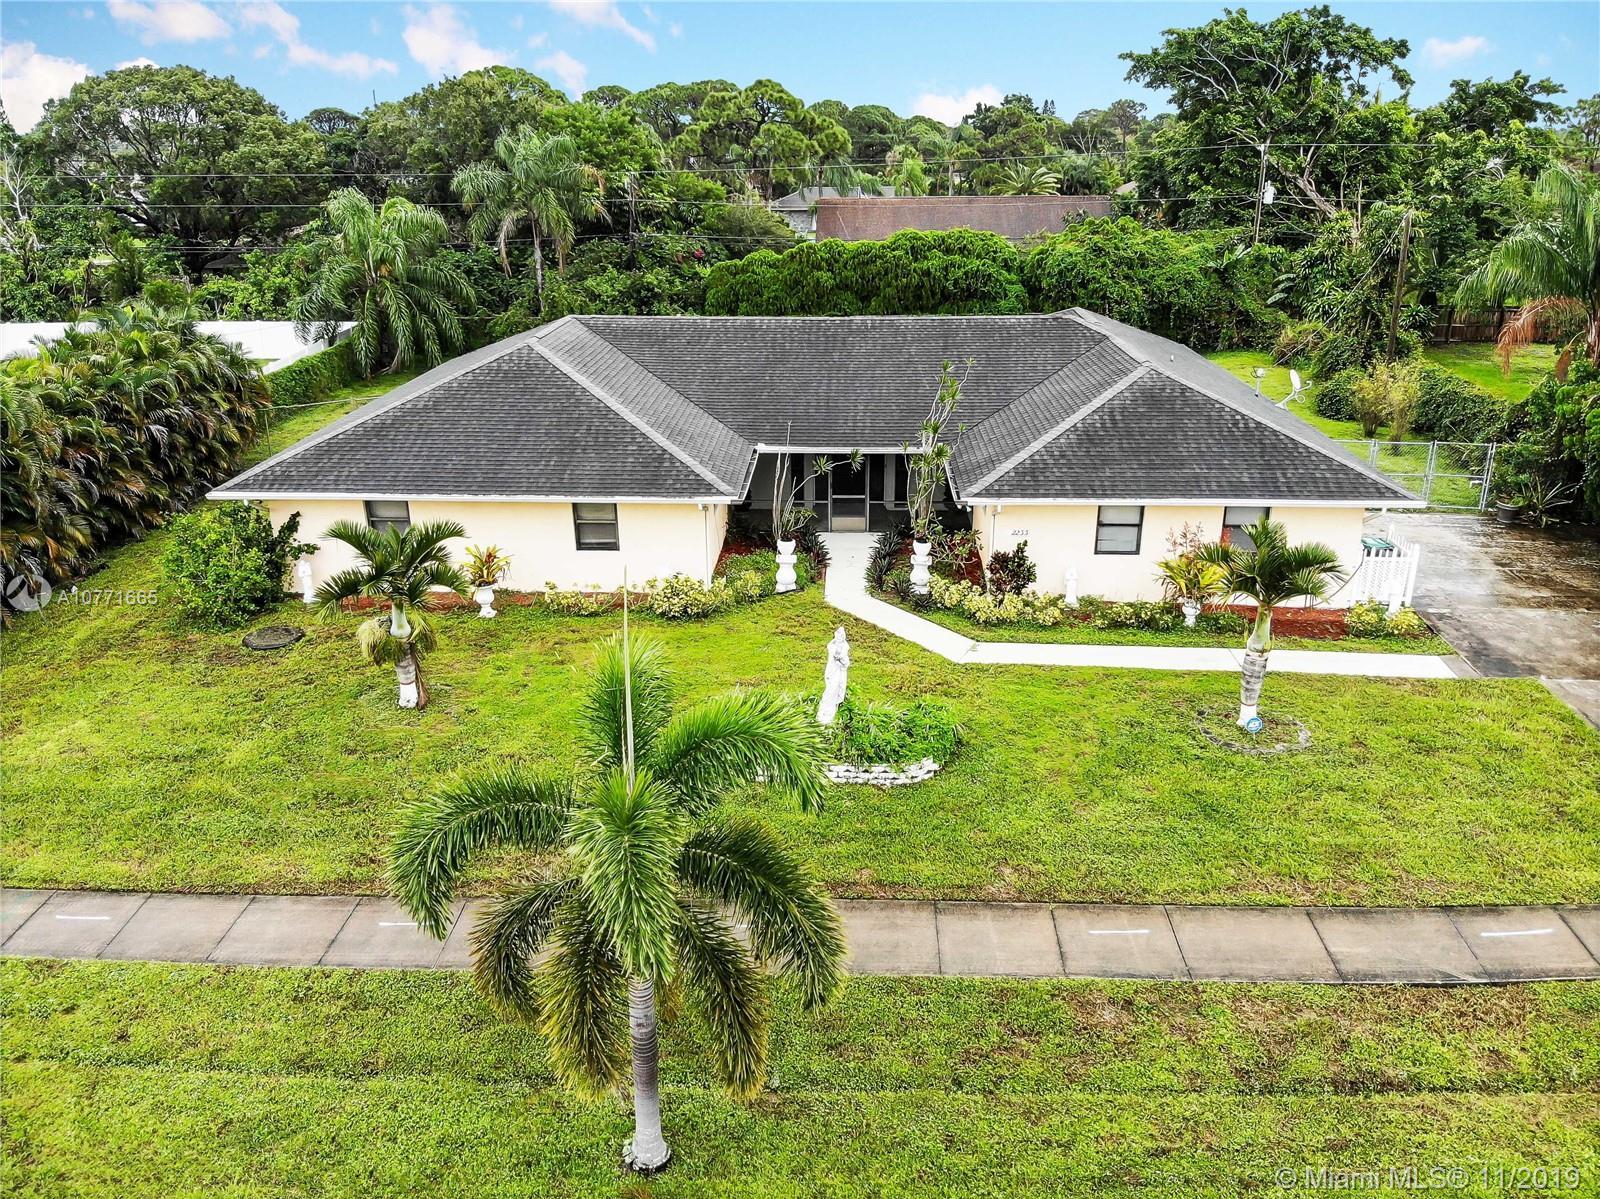 2233 SE Morningside Blvd, Port St. Lucie, FL 34952